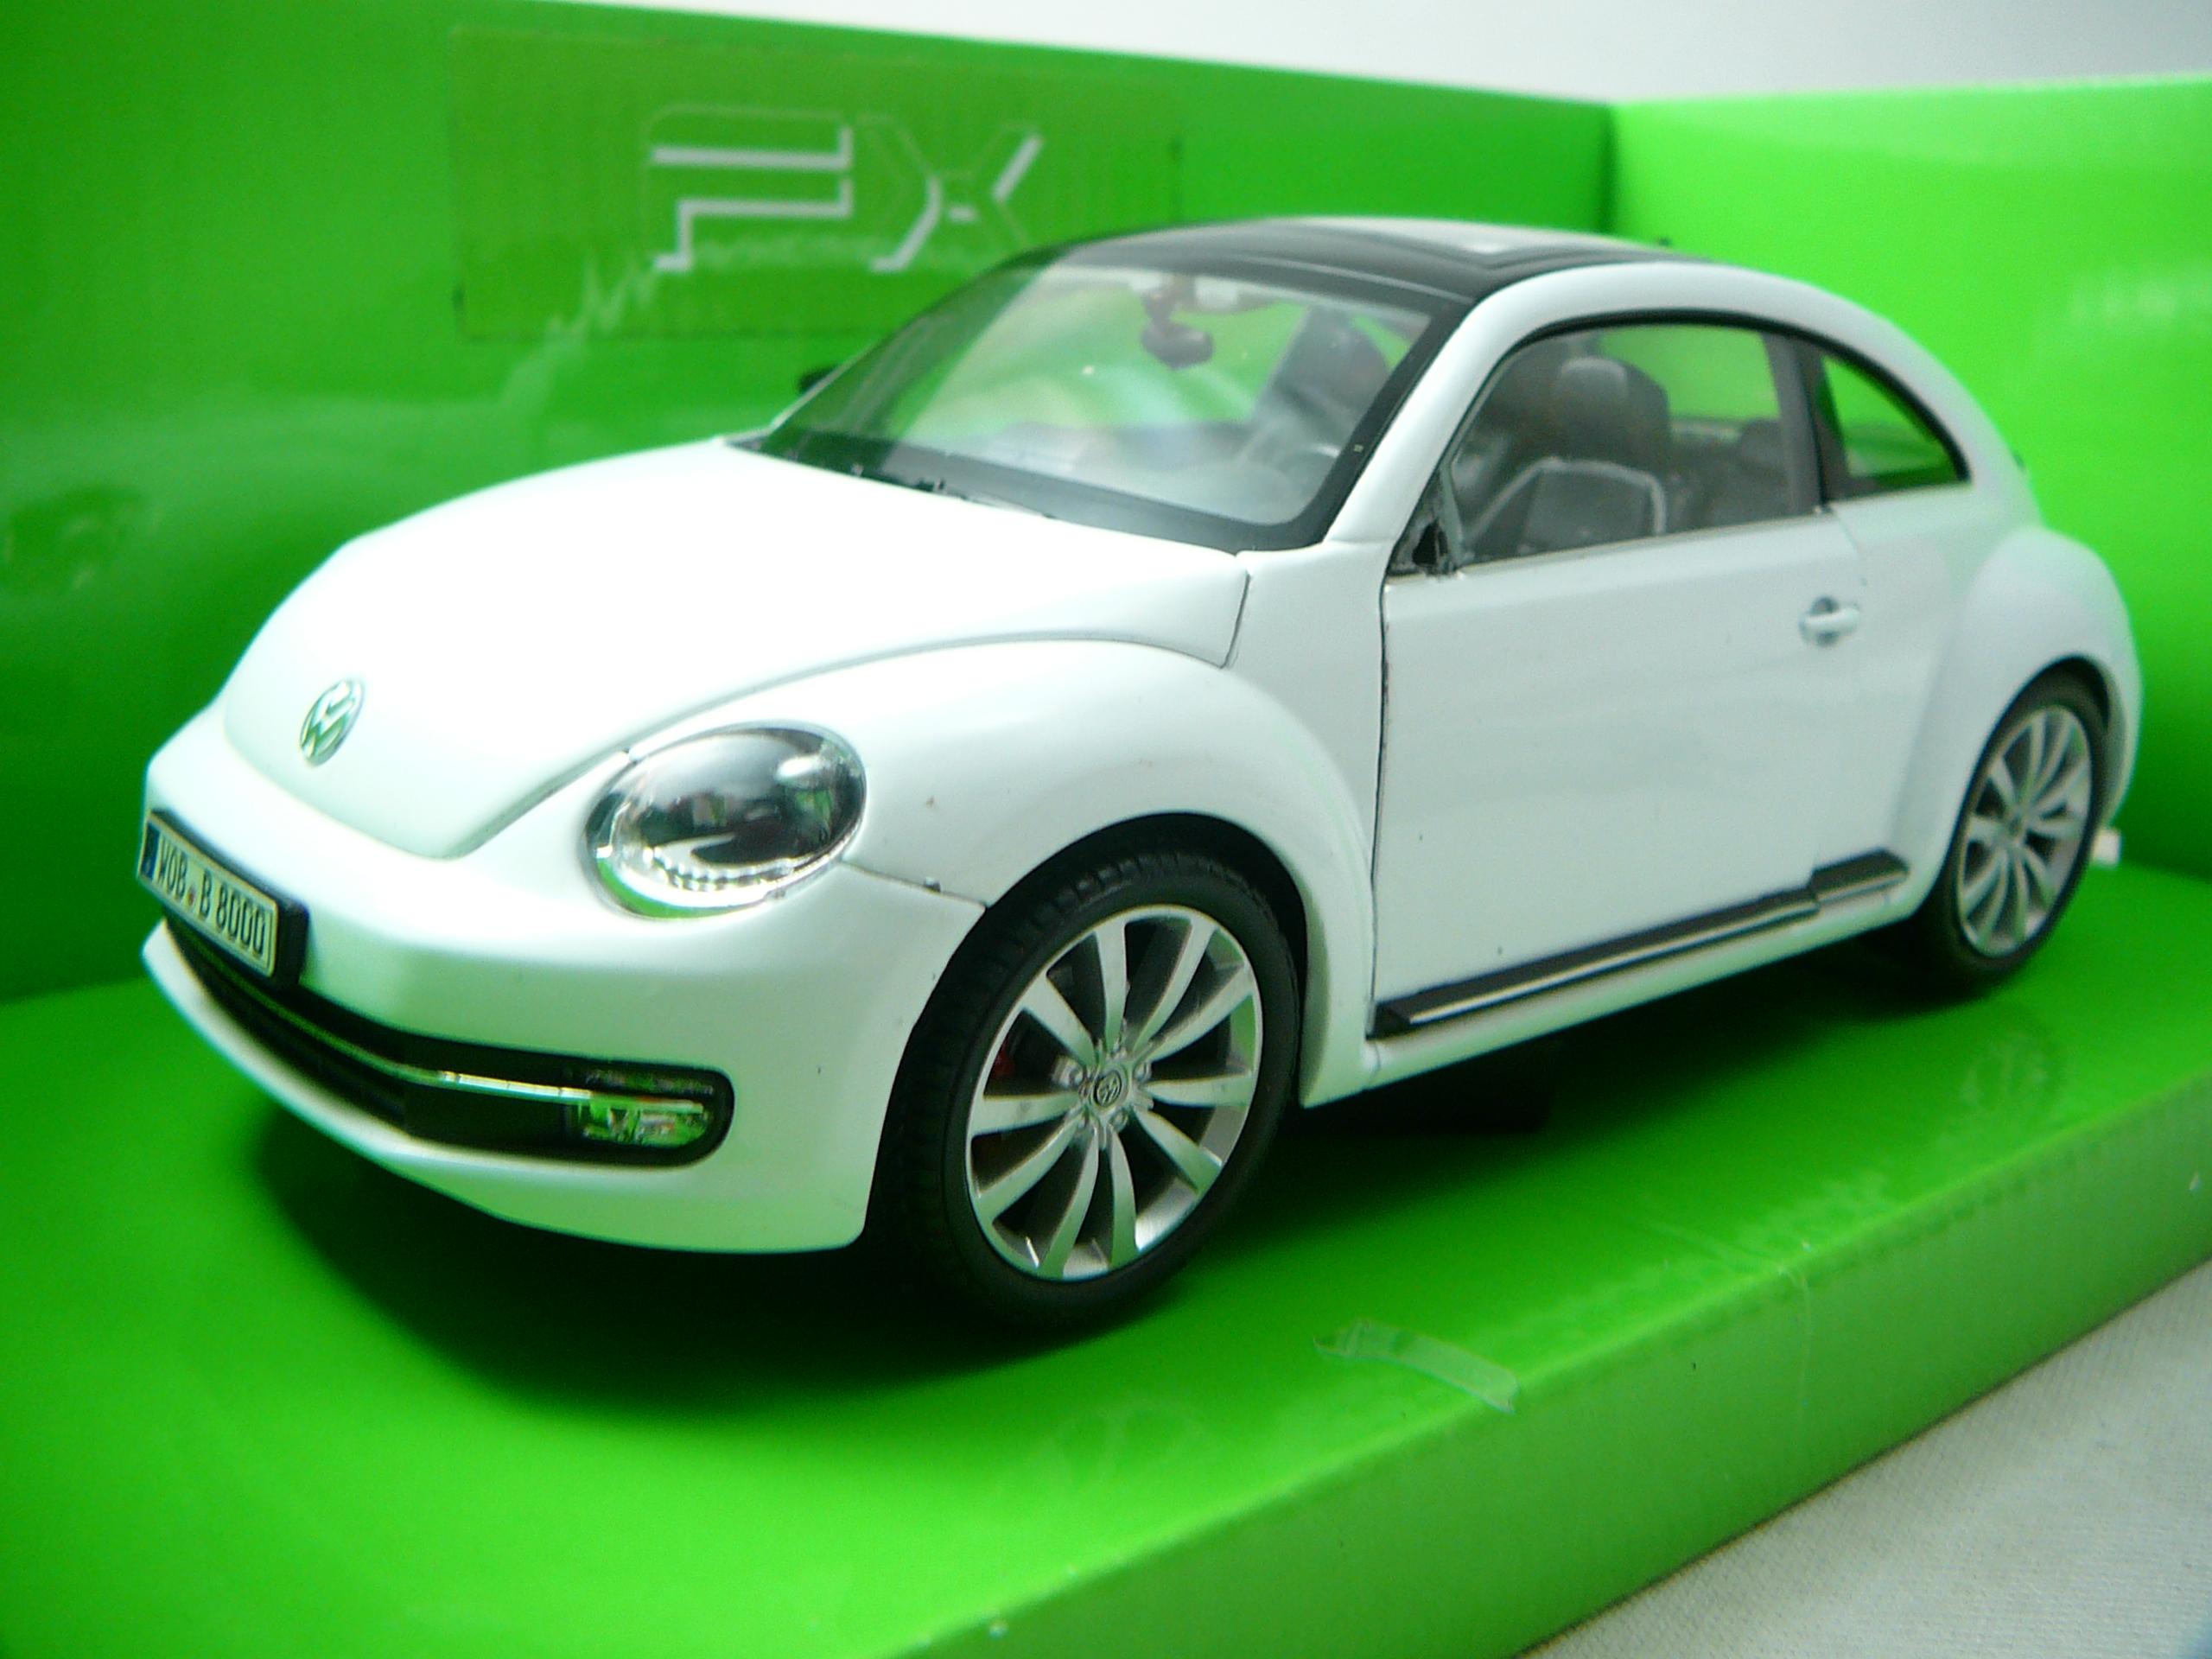 volkswagen new beetle 2012 miniature 1 24 welly wel 24032 freeway01 voitures miniatures de. Black Bedroom Furniture Sets. Home Design Ideas